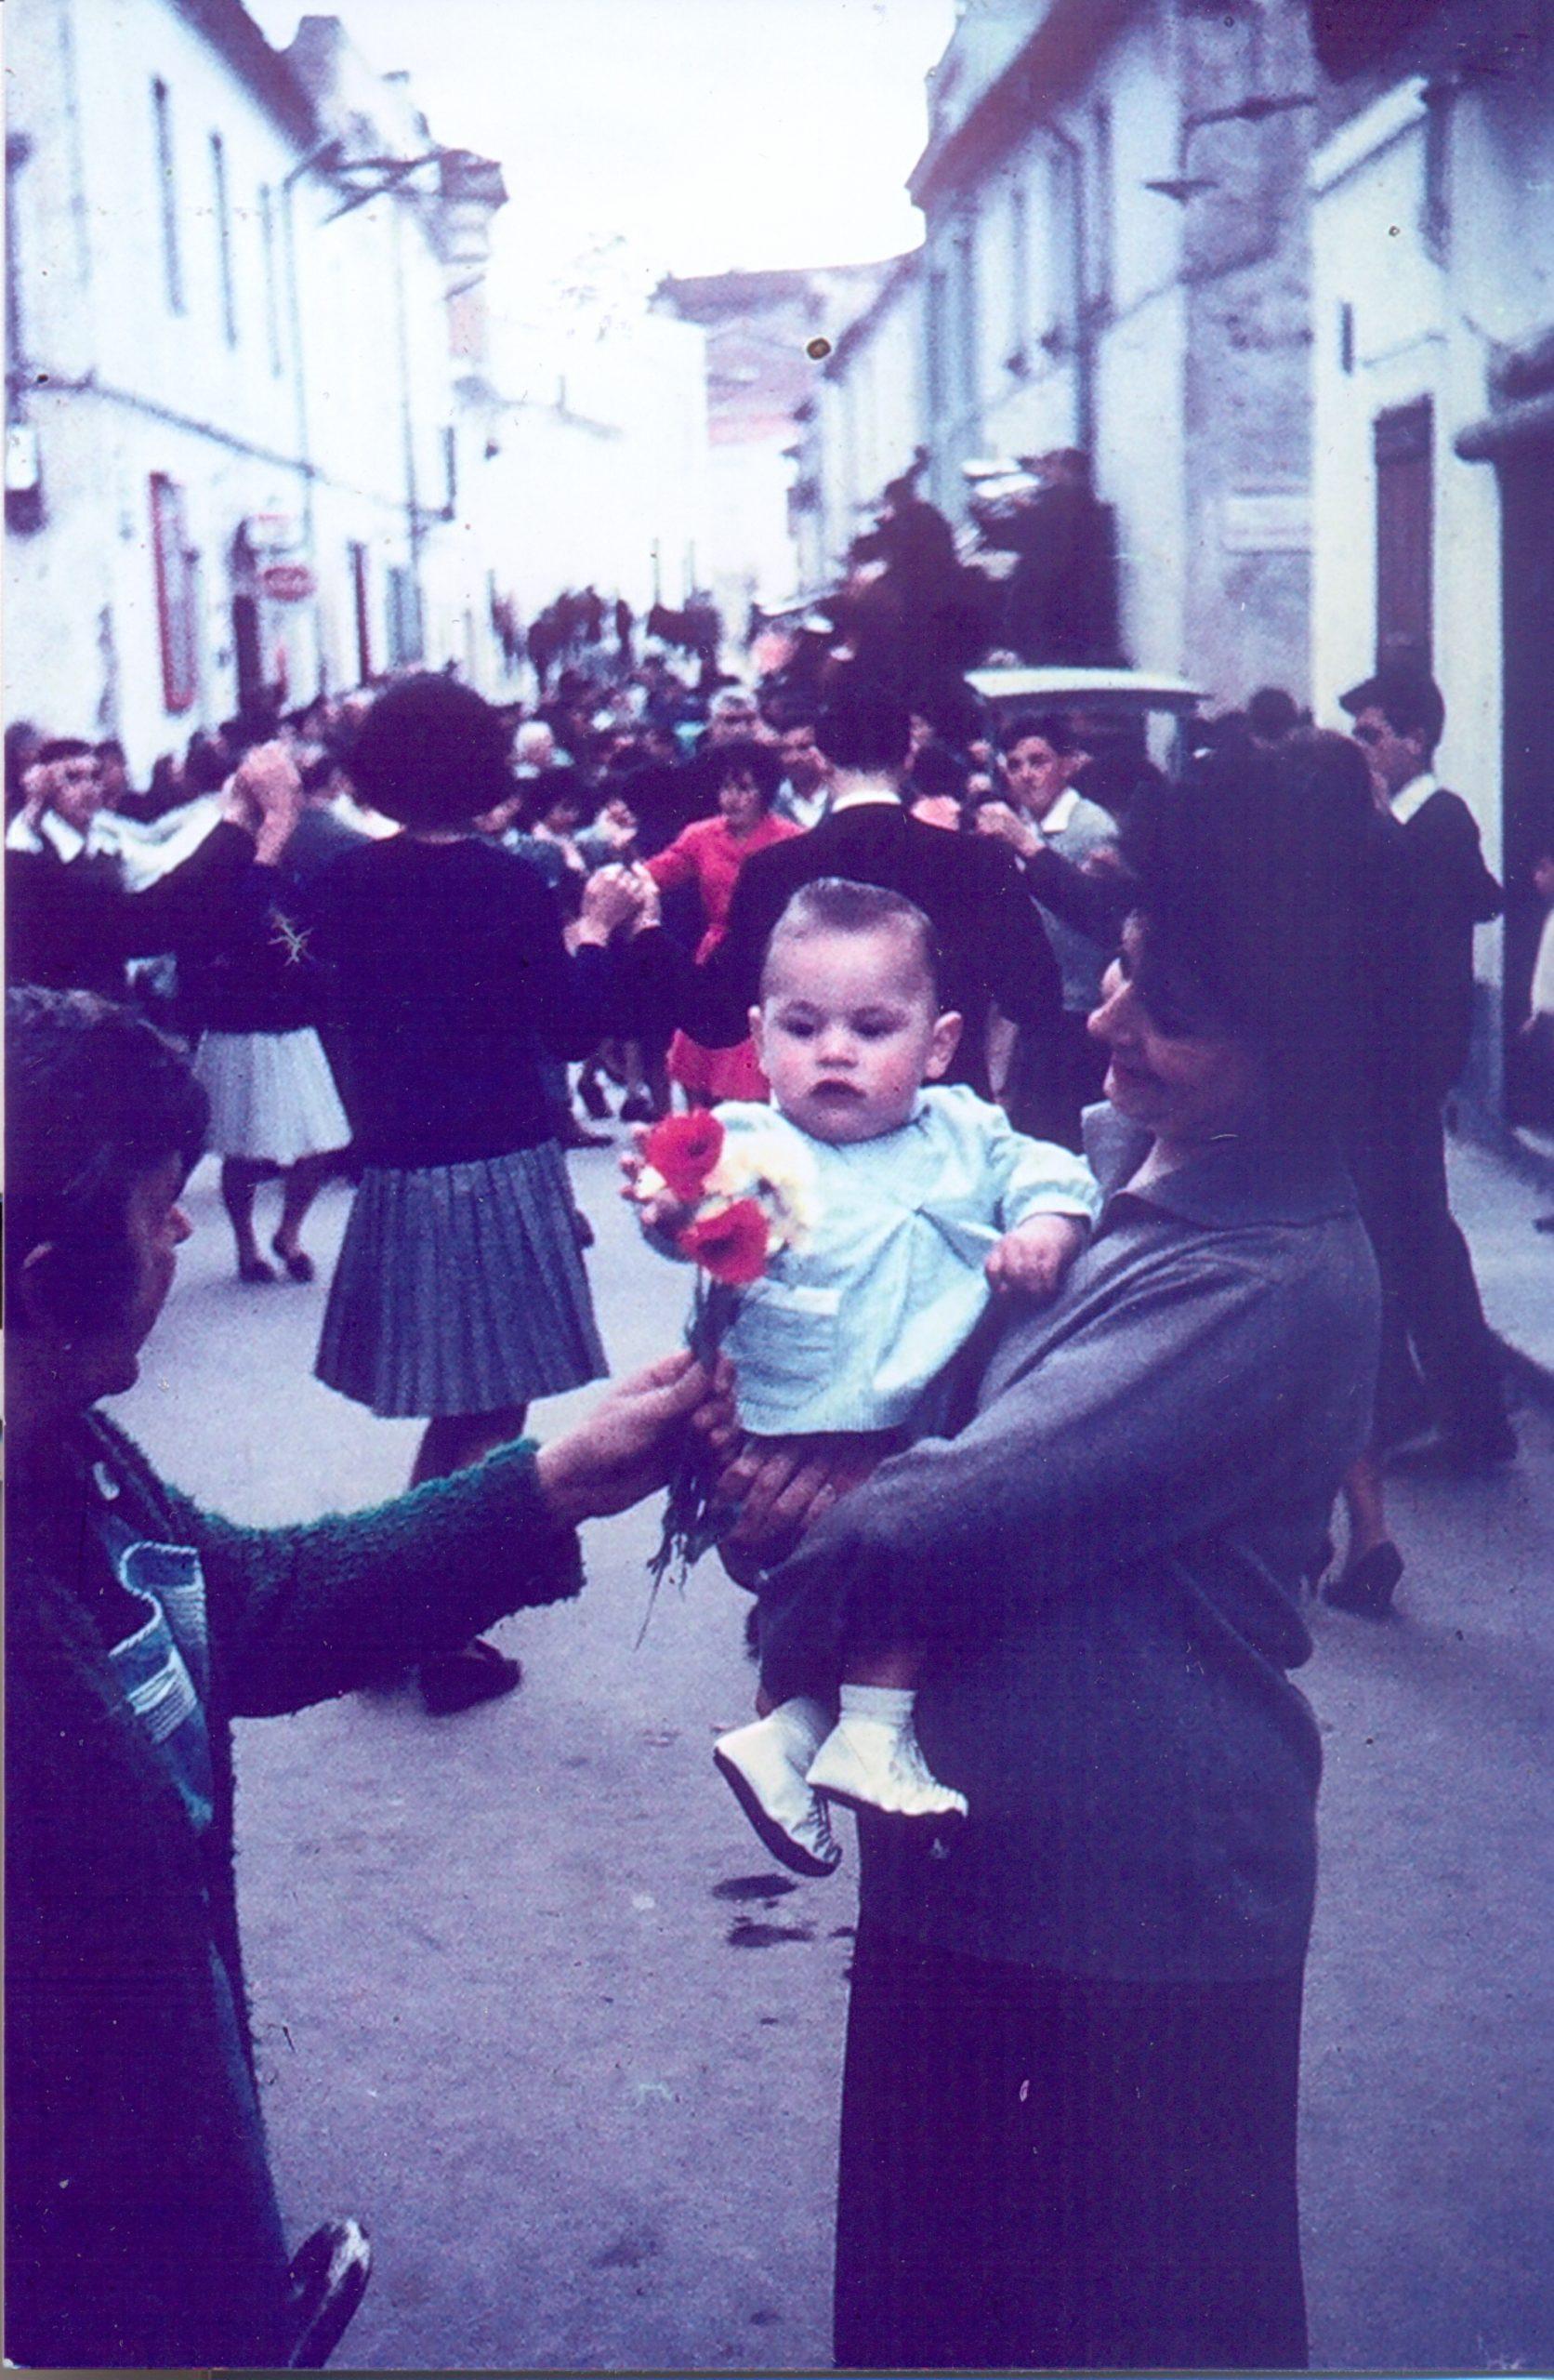 Ballada de sardanes al carrer Nou del Garrofer per la Vuitada de Corpus, principis dels anys 60. AMSFG. Fons Teresa Serra (Autor: desconegut)